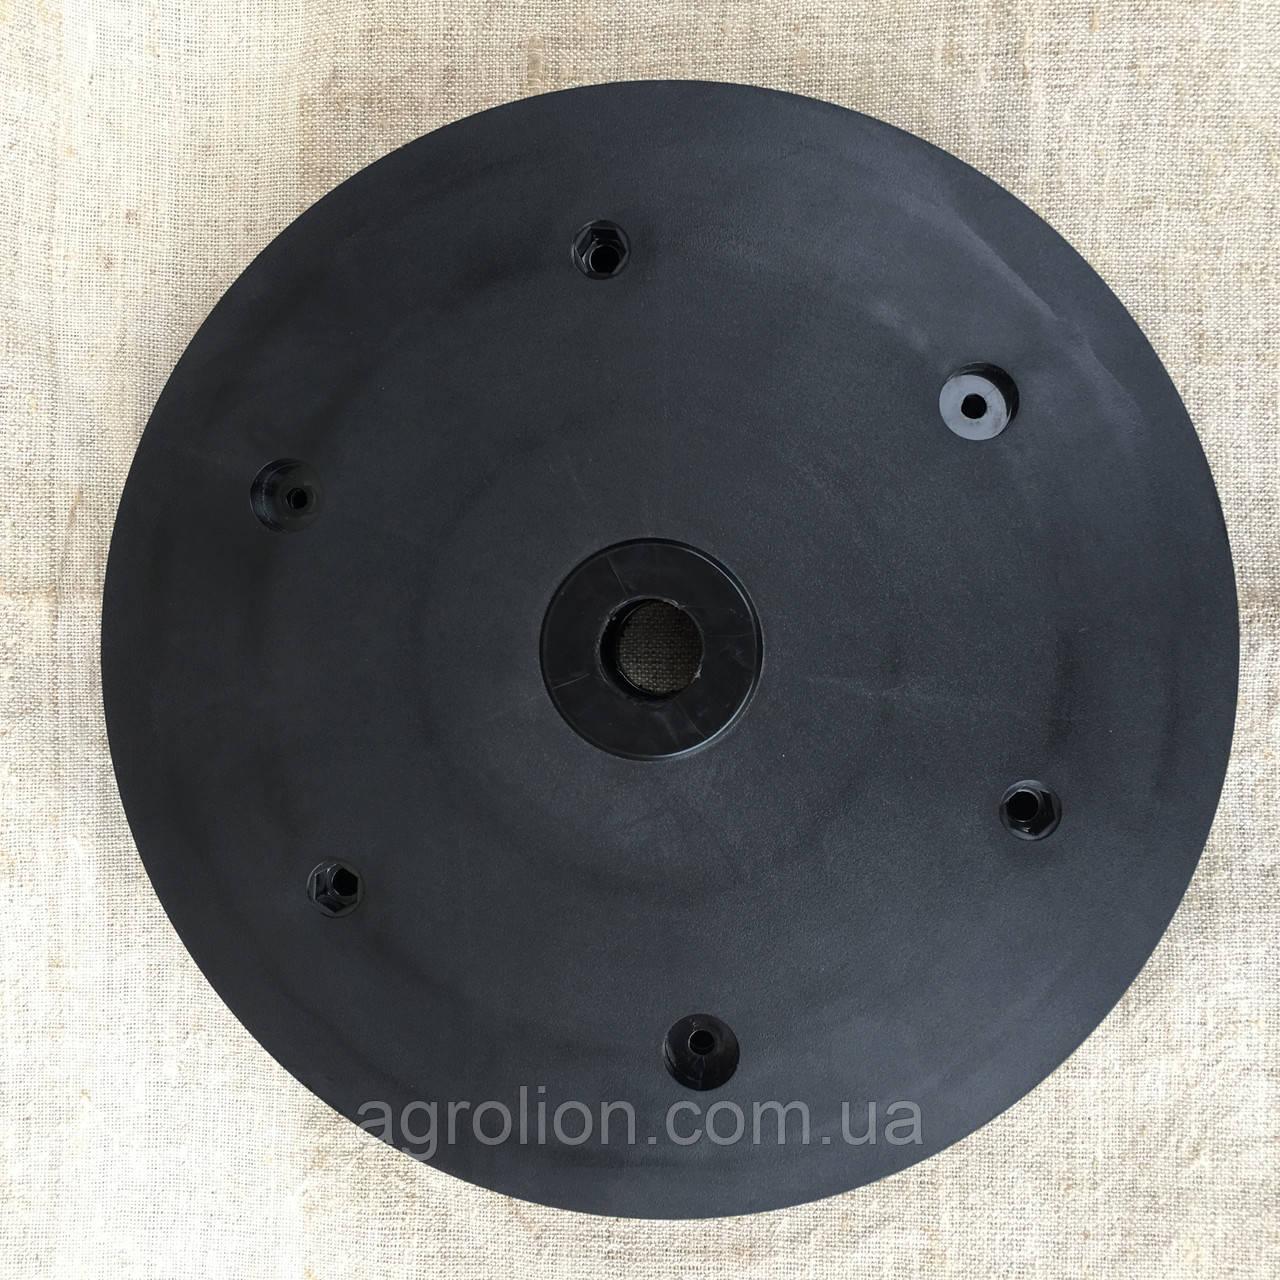 """Напівдиск прикотуючого колеса (диск поліамід) 2""""x13"""" d40, 10200145"""